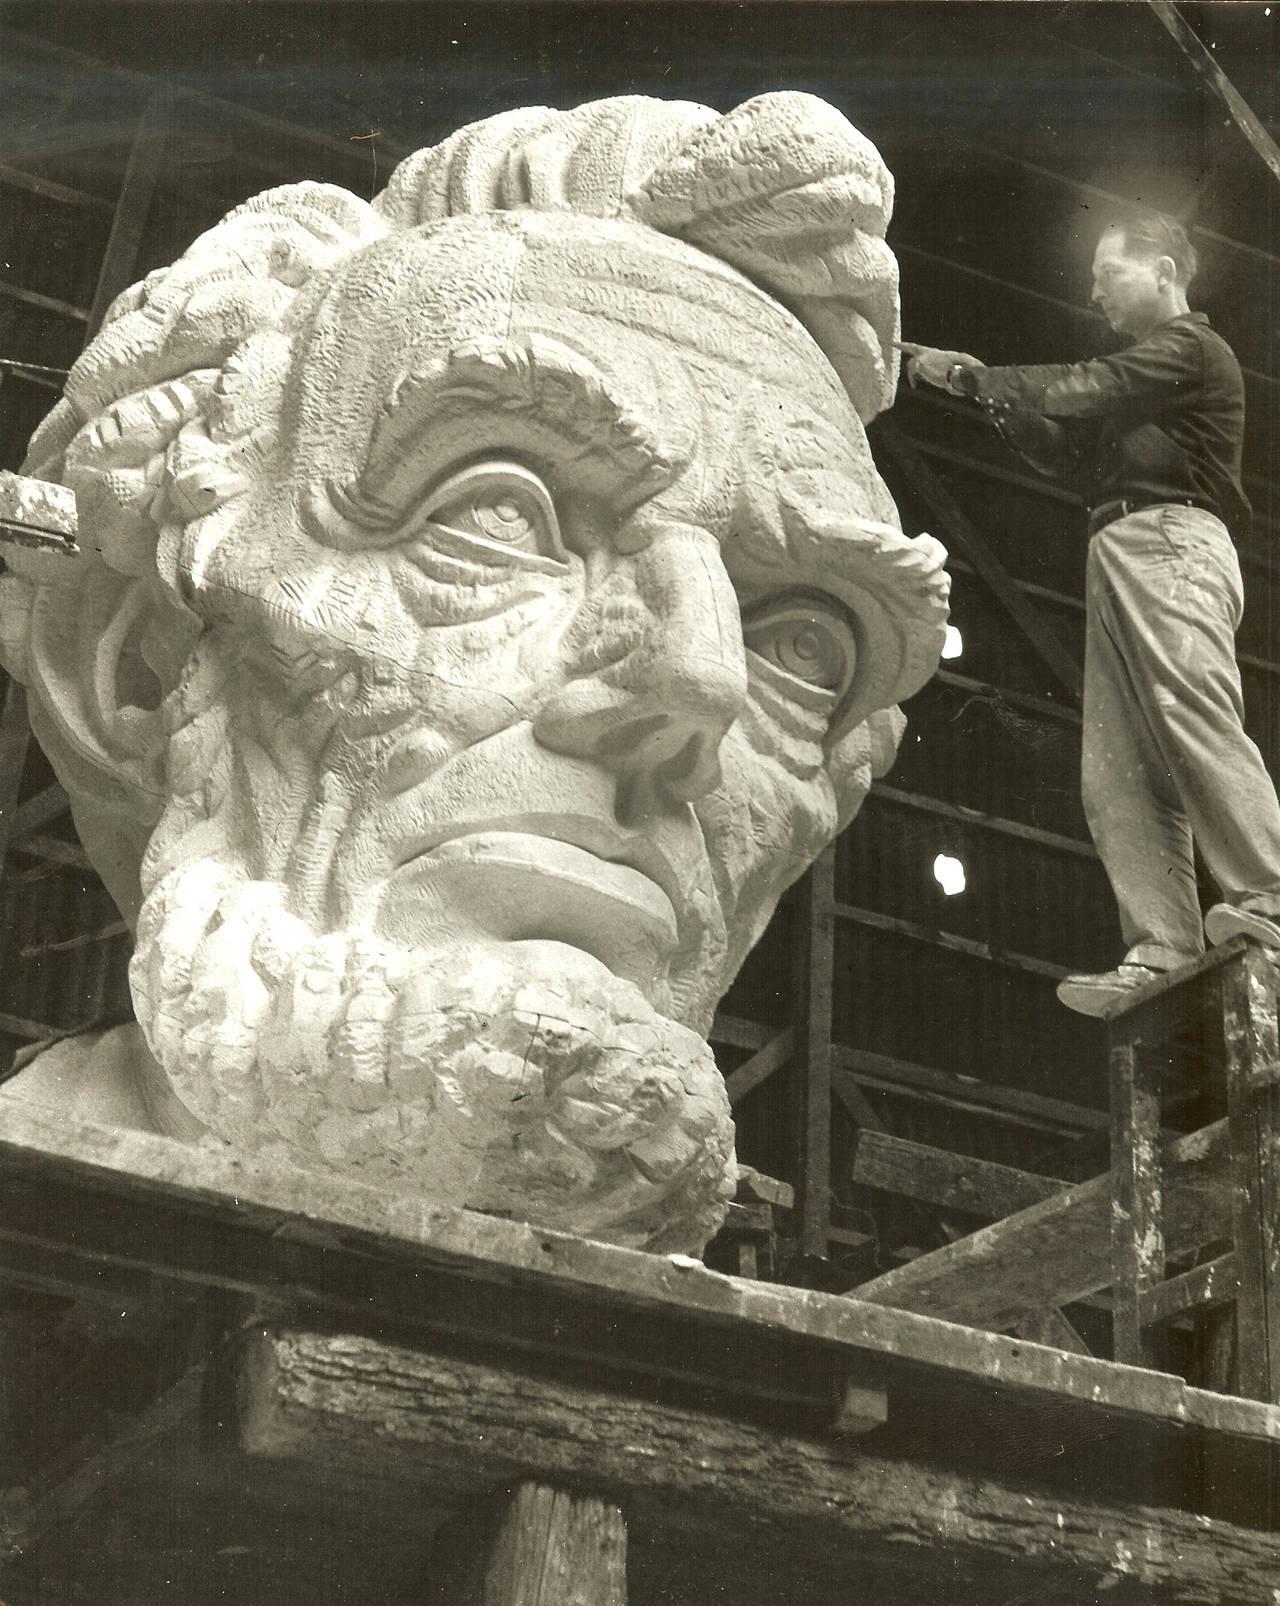 The Arch - Modern Sculpture by Robert Russin